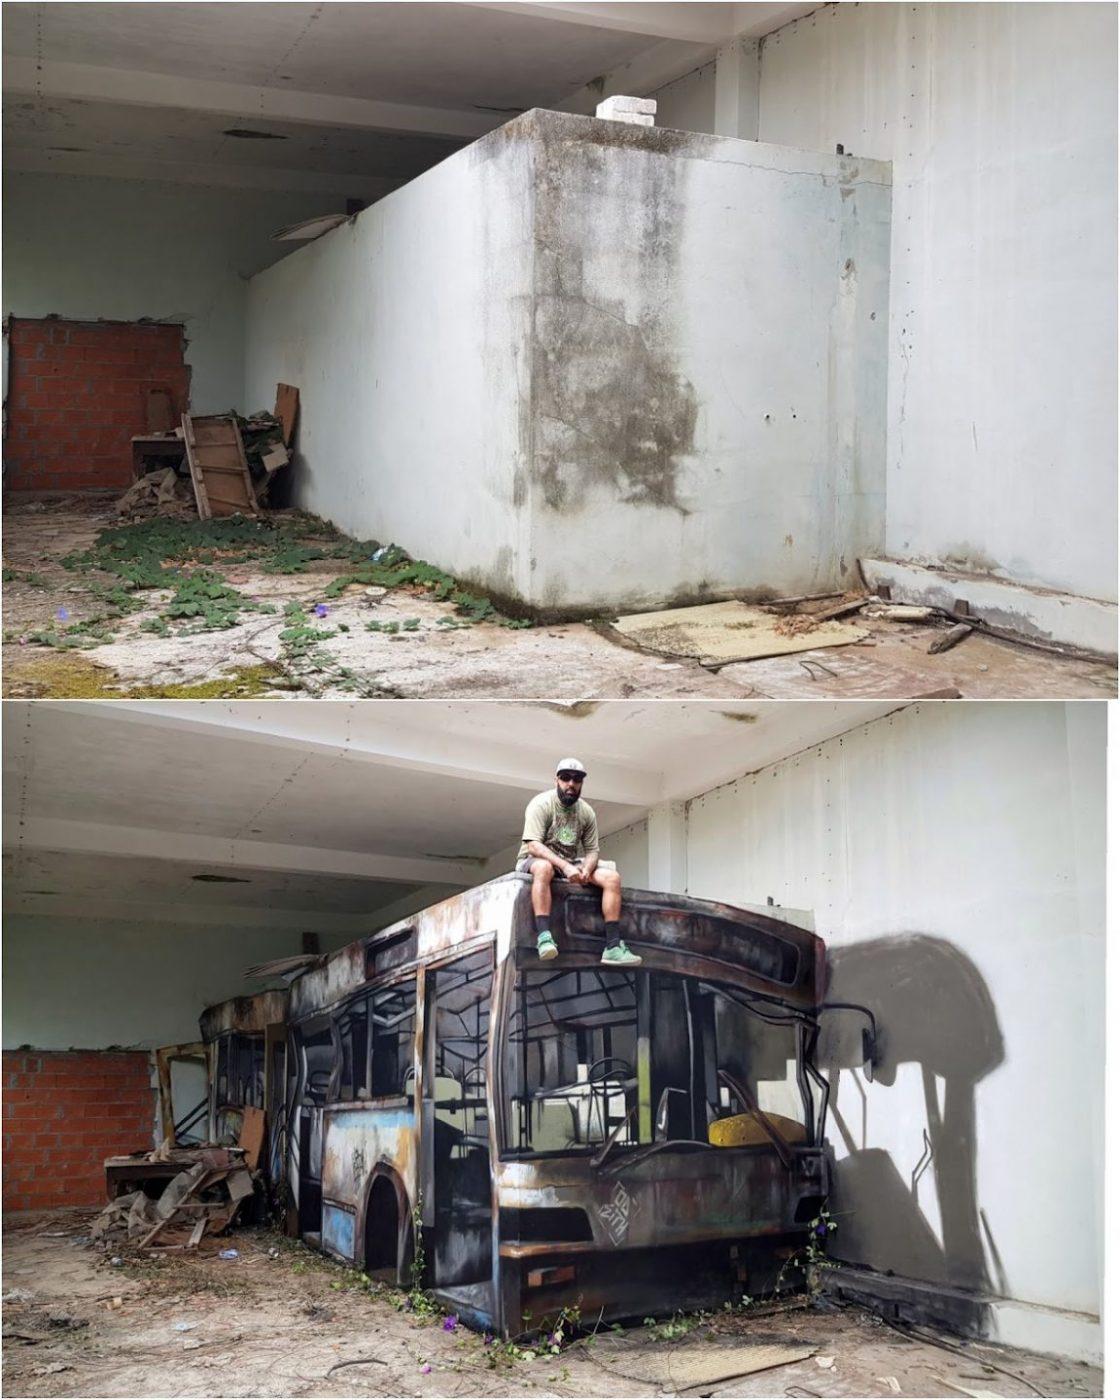 இந்தப் படங்களில் என்ன புதுமை? Wrecked-bus-before-after